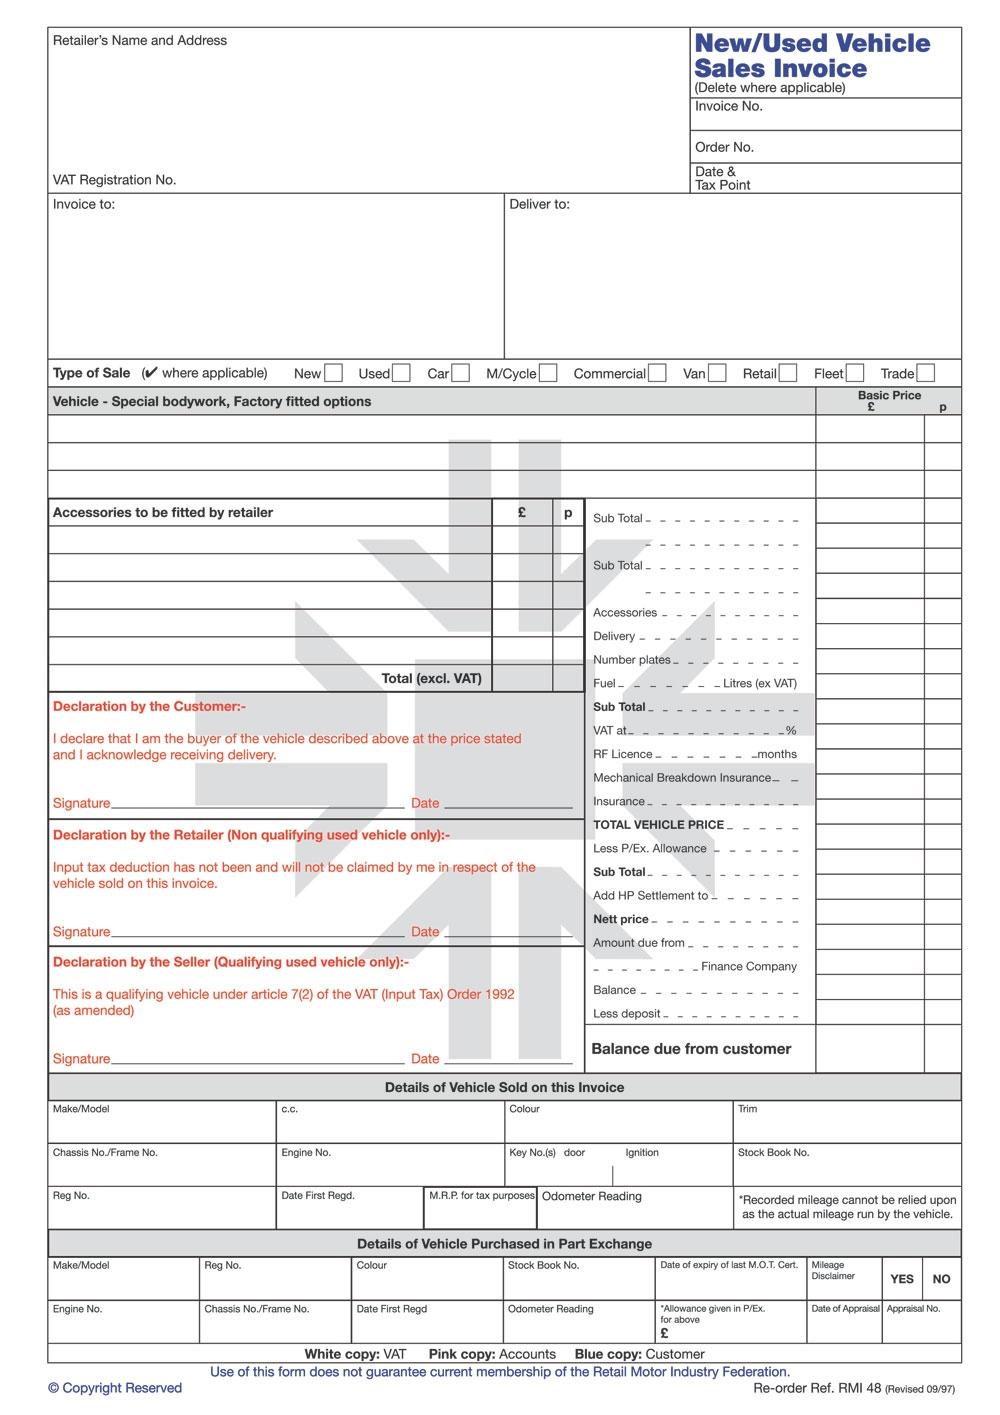 rmi048 new used vehicle sales invoice pad rmi webshop rmi vehicle sales invoice